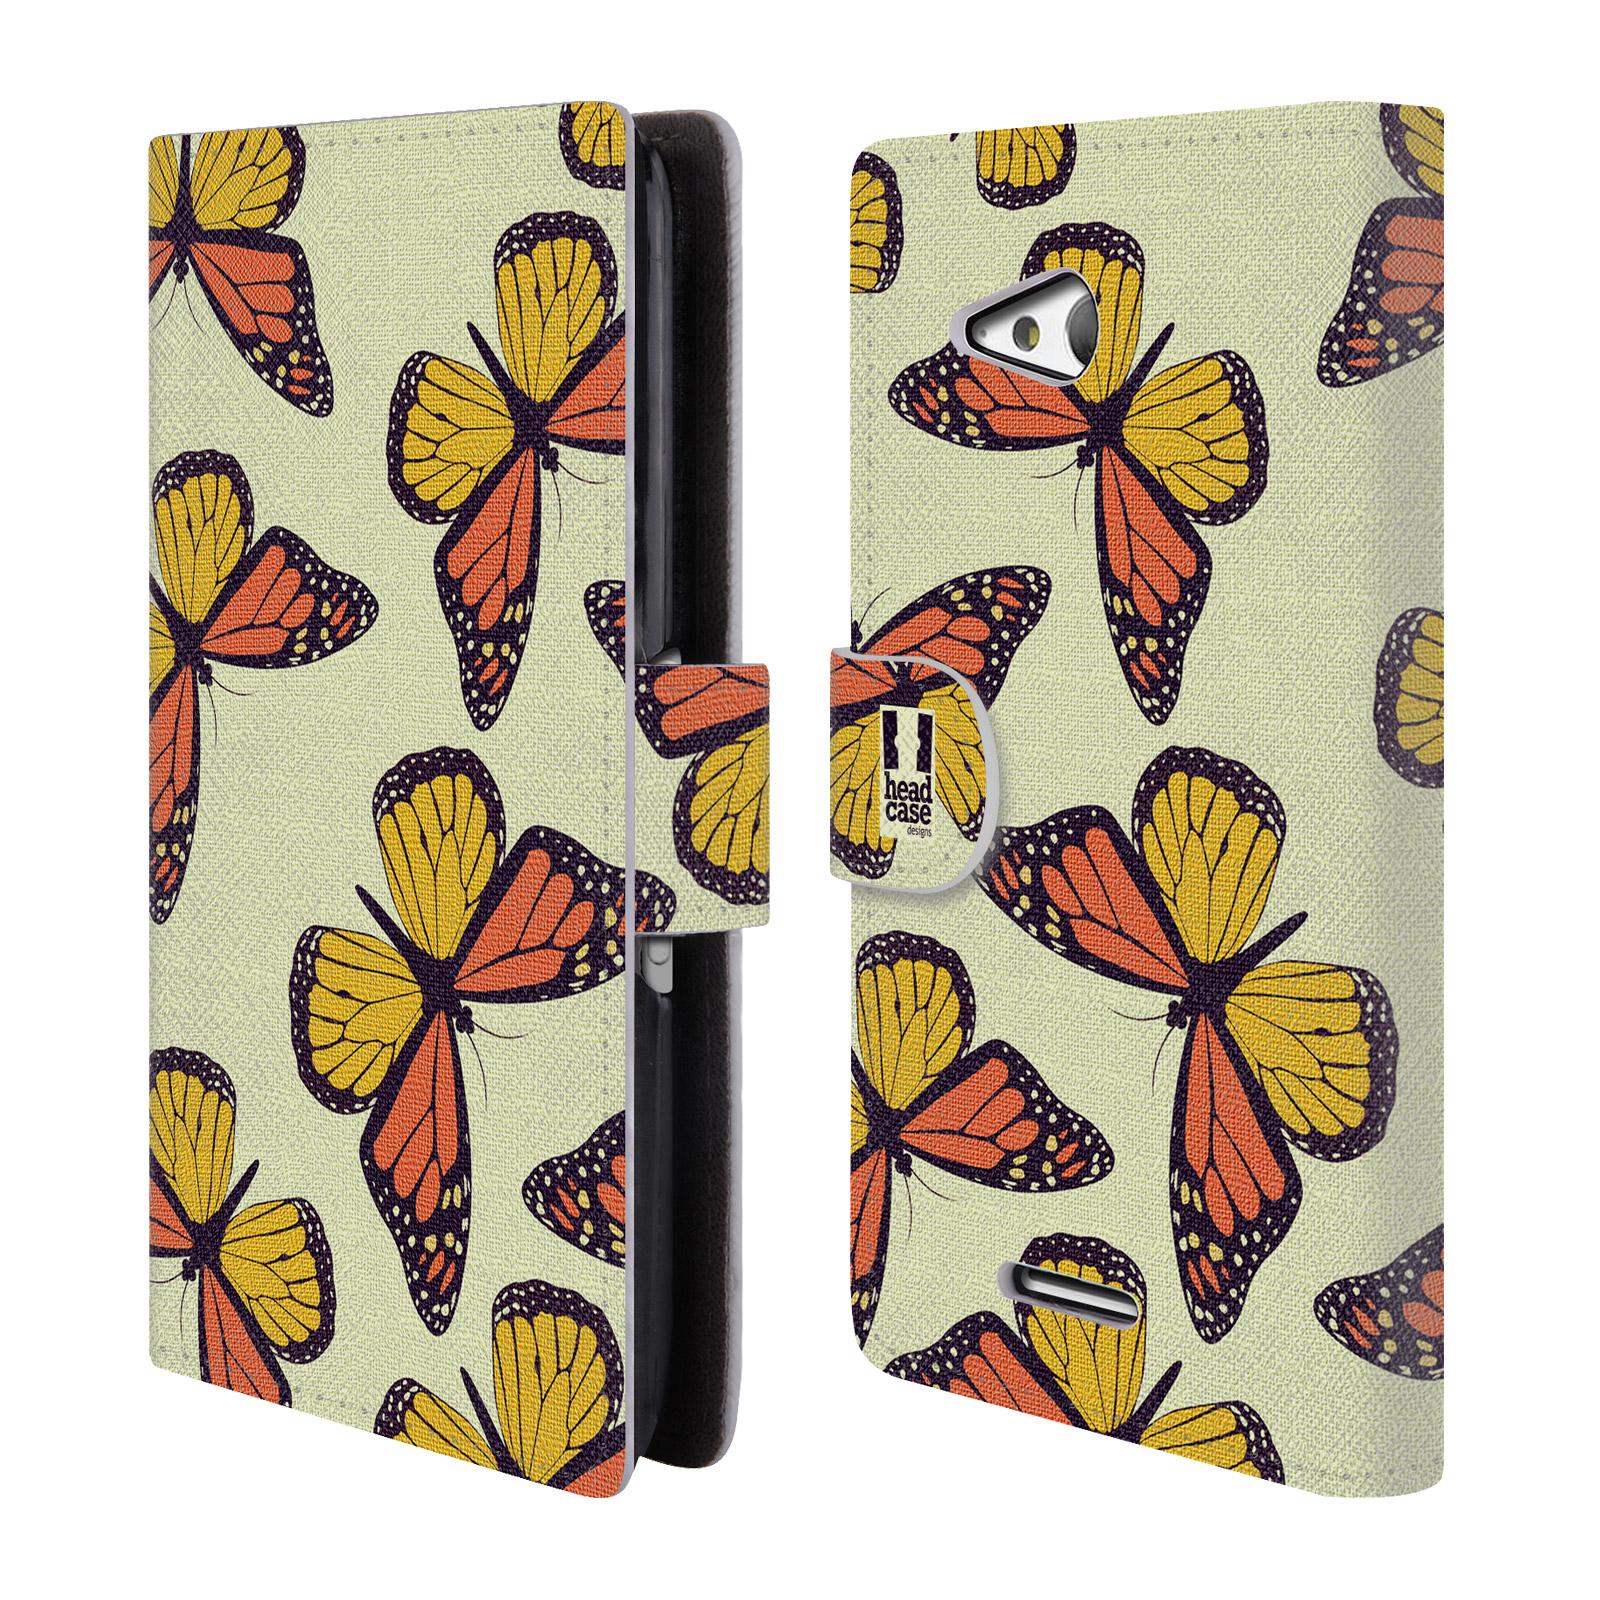 HEAD CASE Flipové pouzdro pro mobil SONY XPERIA E4g Vzorkovaný motýl Monarcha oranžová